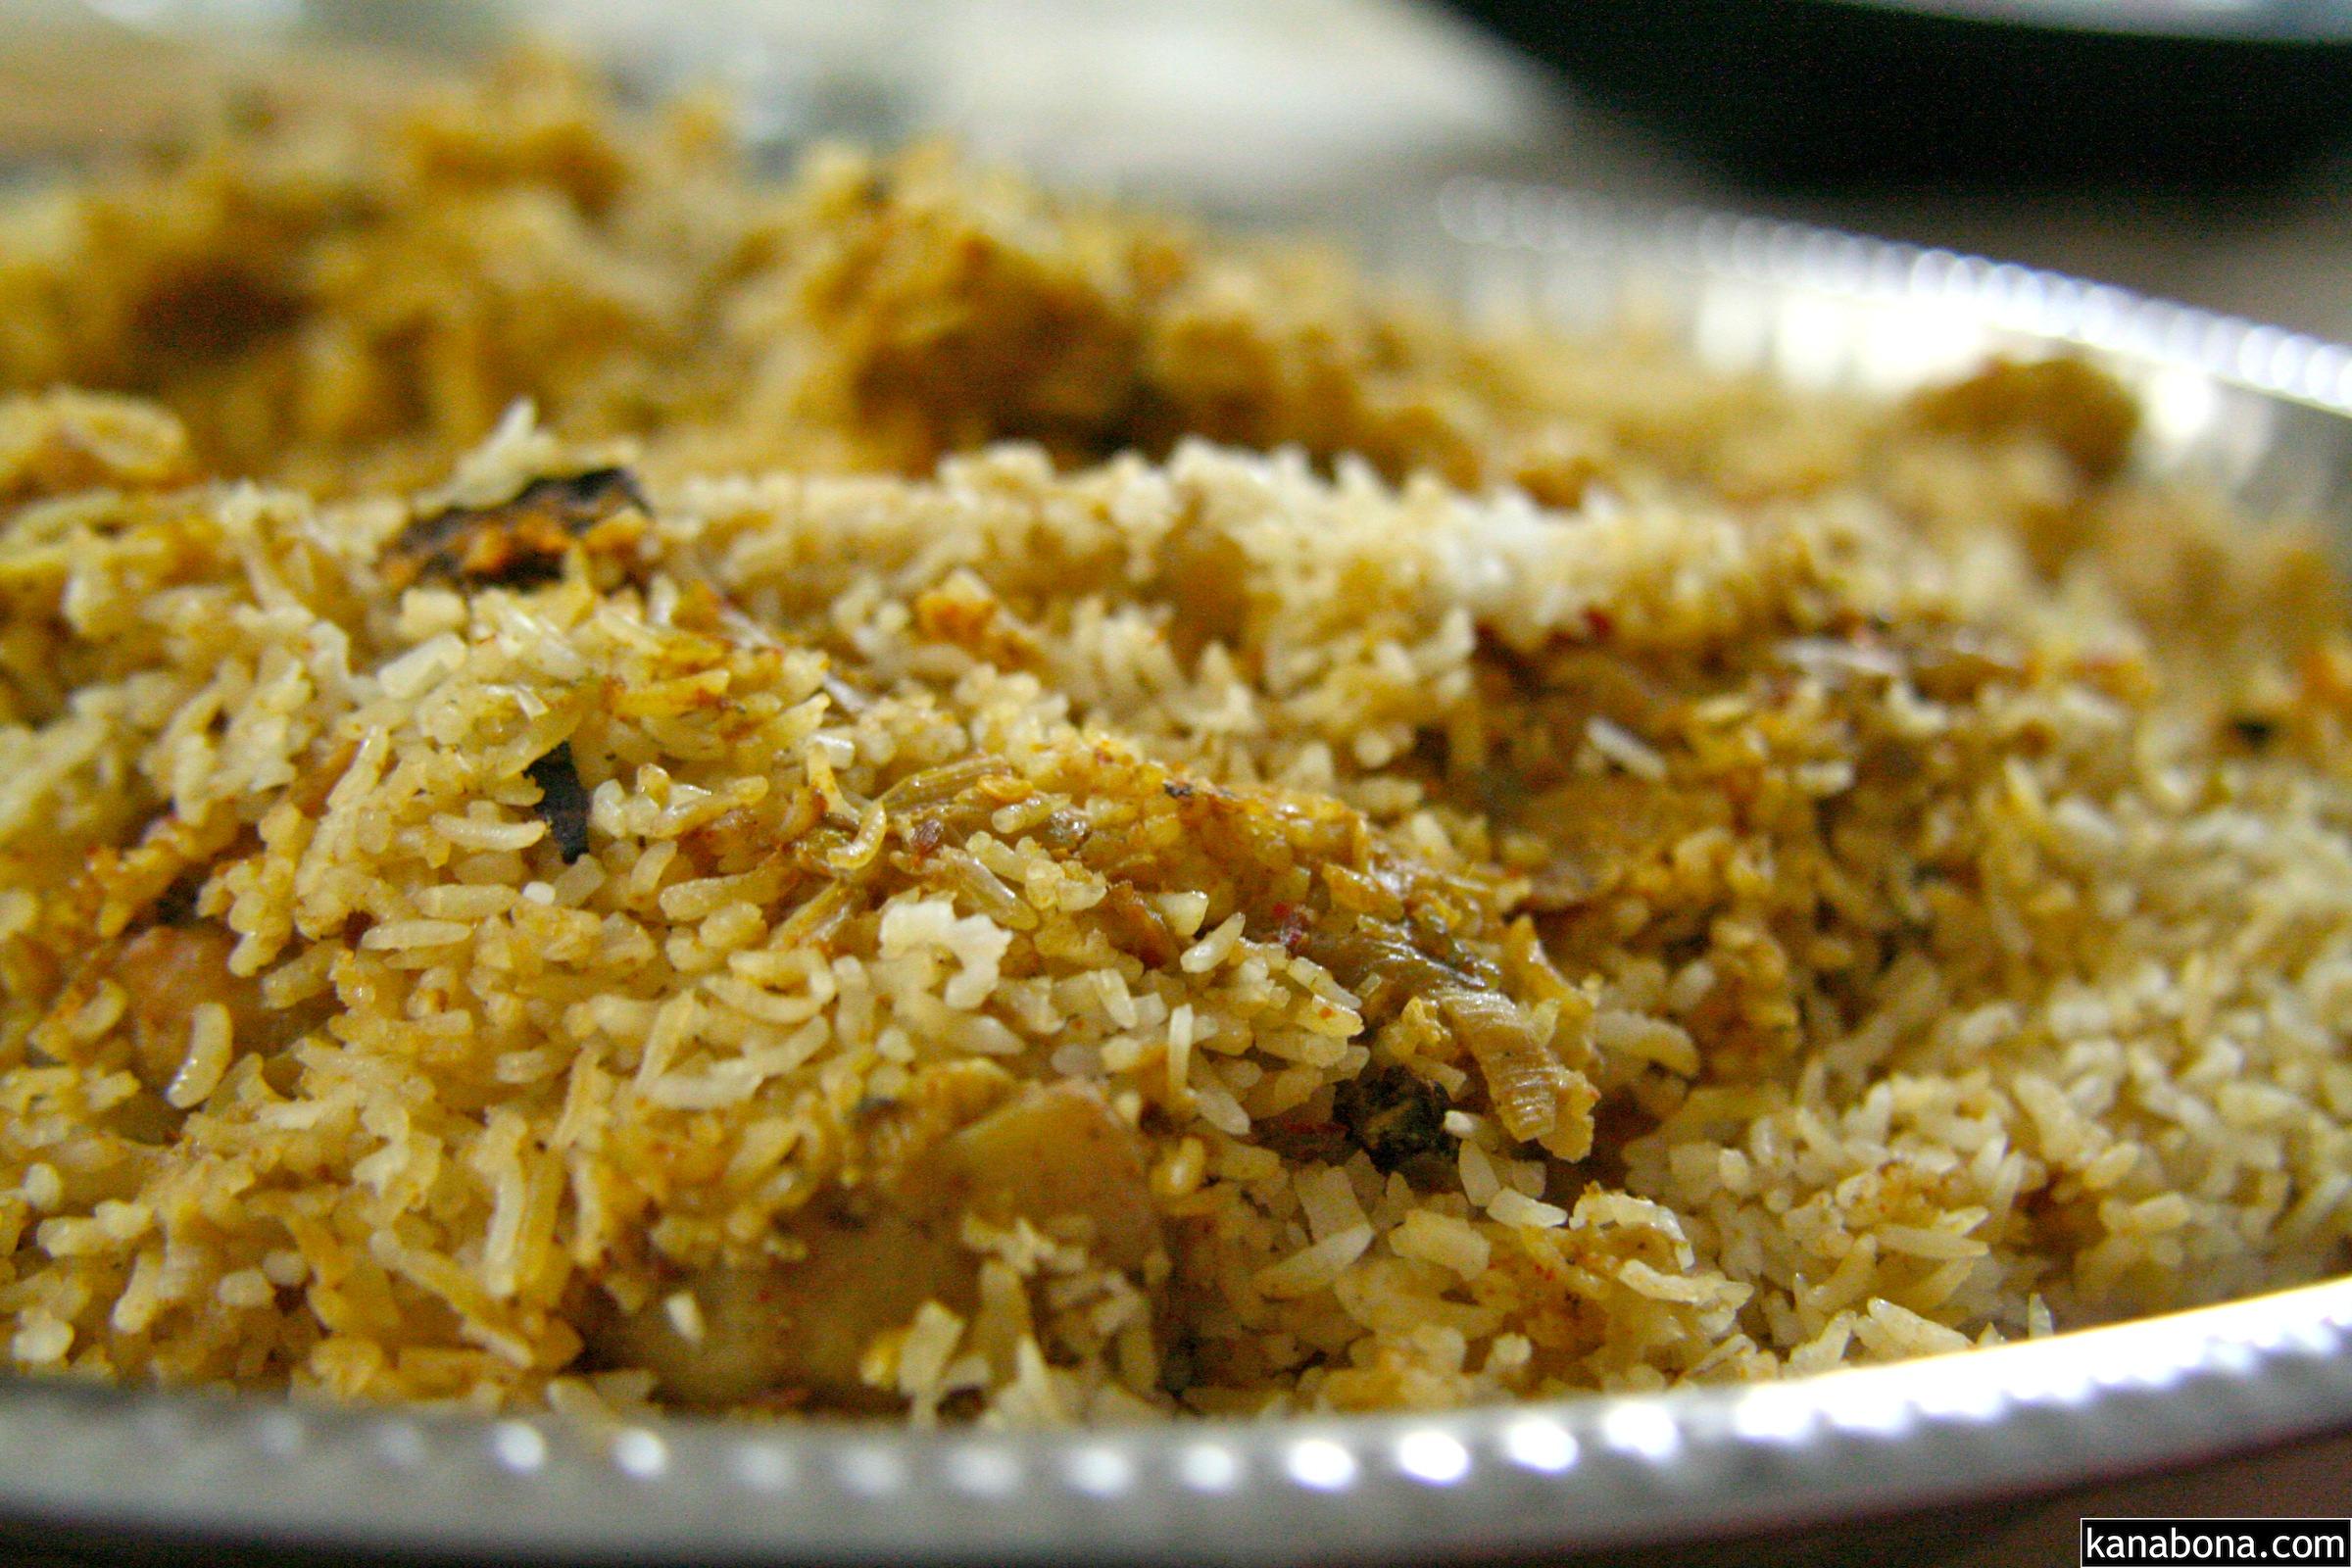 Thalassery Biryani - Kerala Dishes to Try When In Kerala